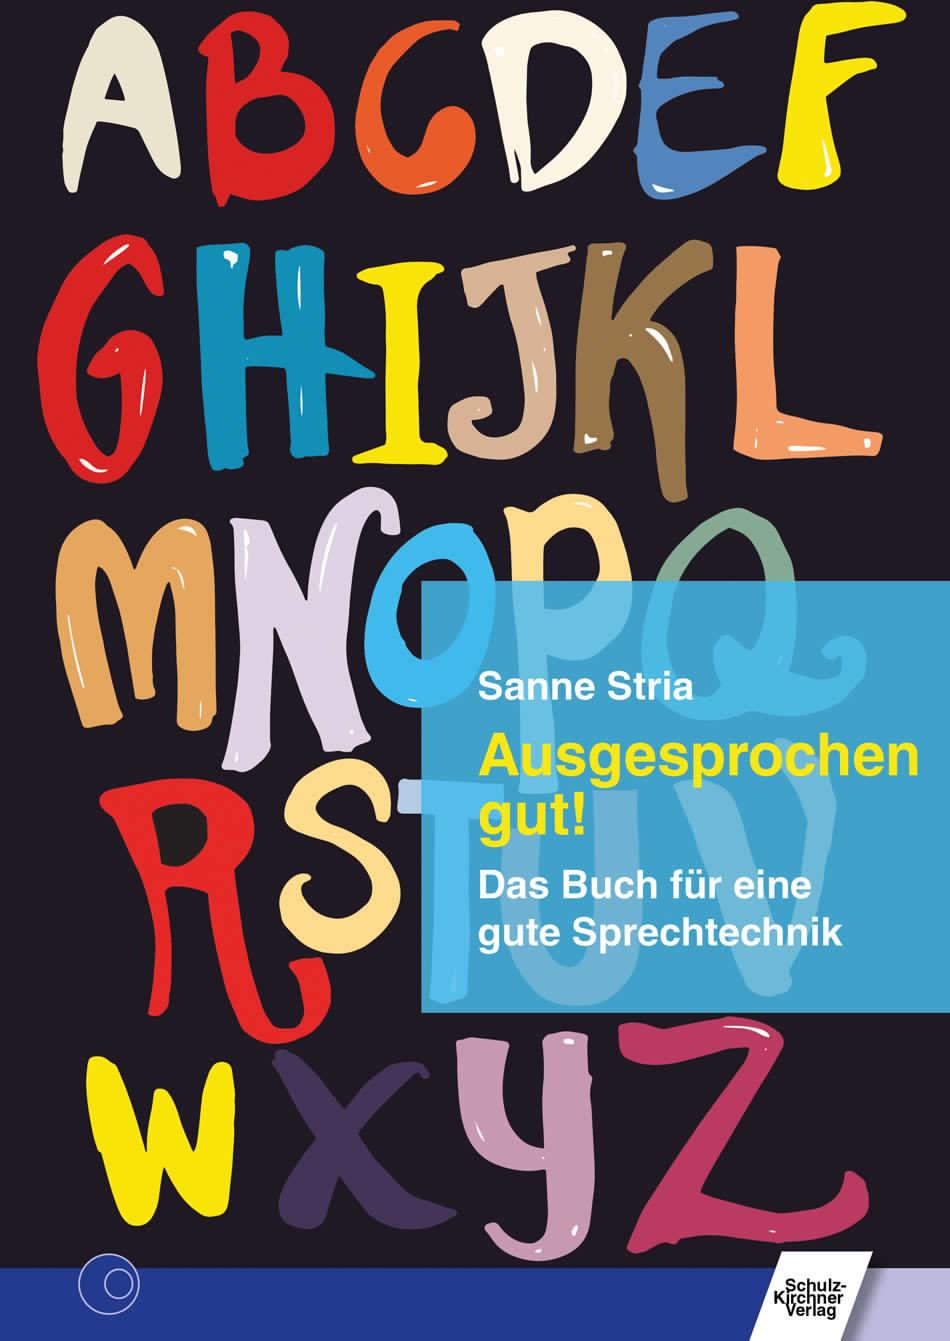 Ausgesprochen gut! Das Buch für eine gute Sprechtechnik von Sanne Stria. Cover